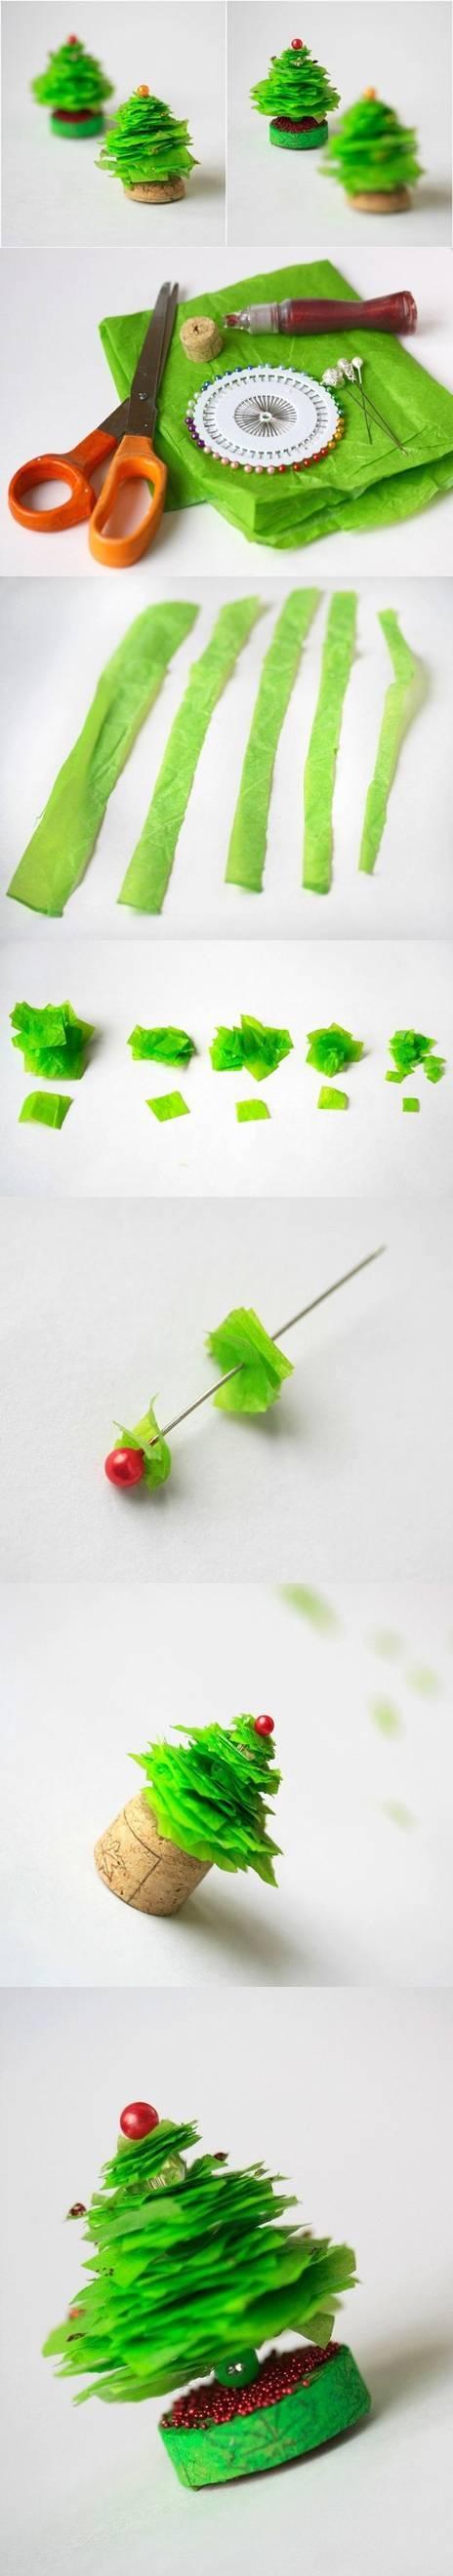 Diy mini christmas tree craft tutorial pictures photos for Miniature christmas trees for crafts